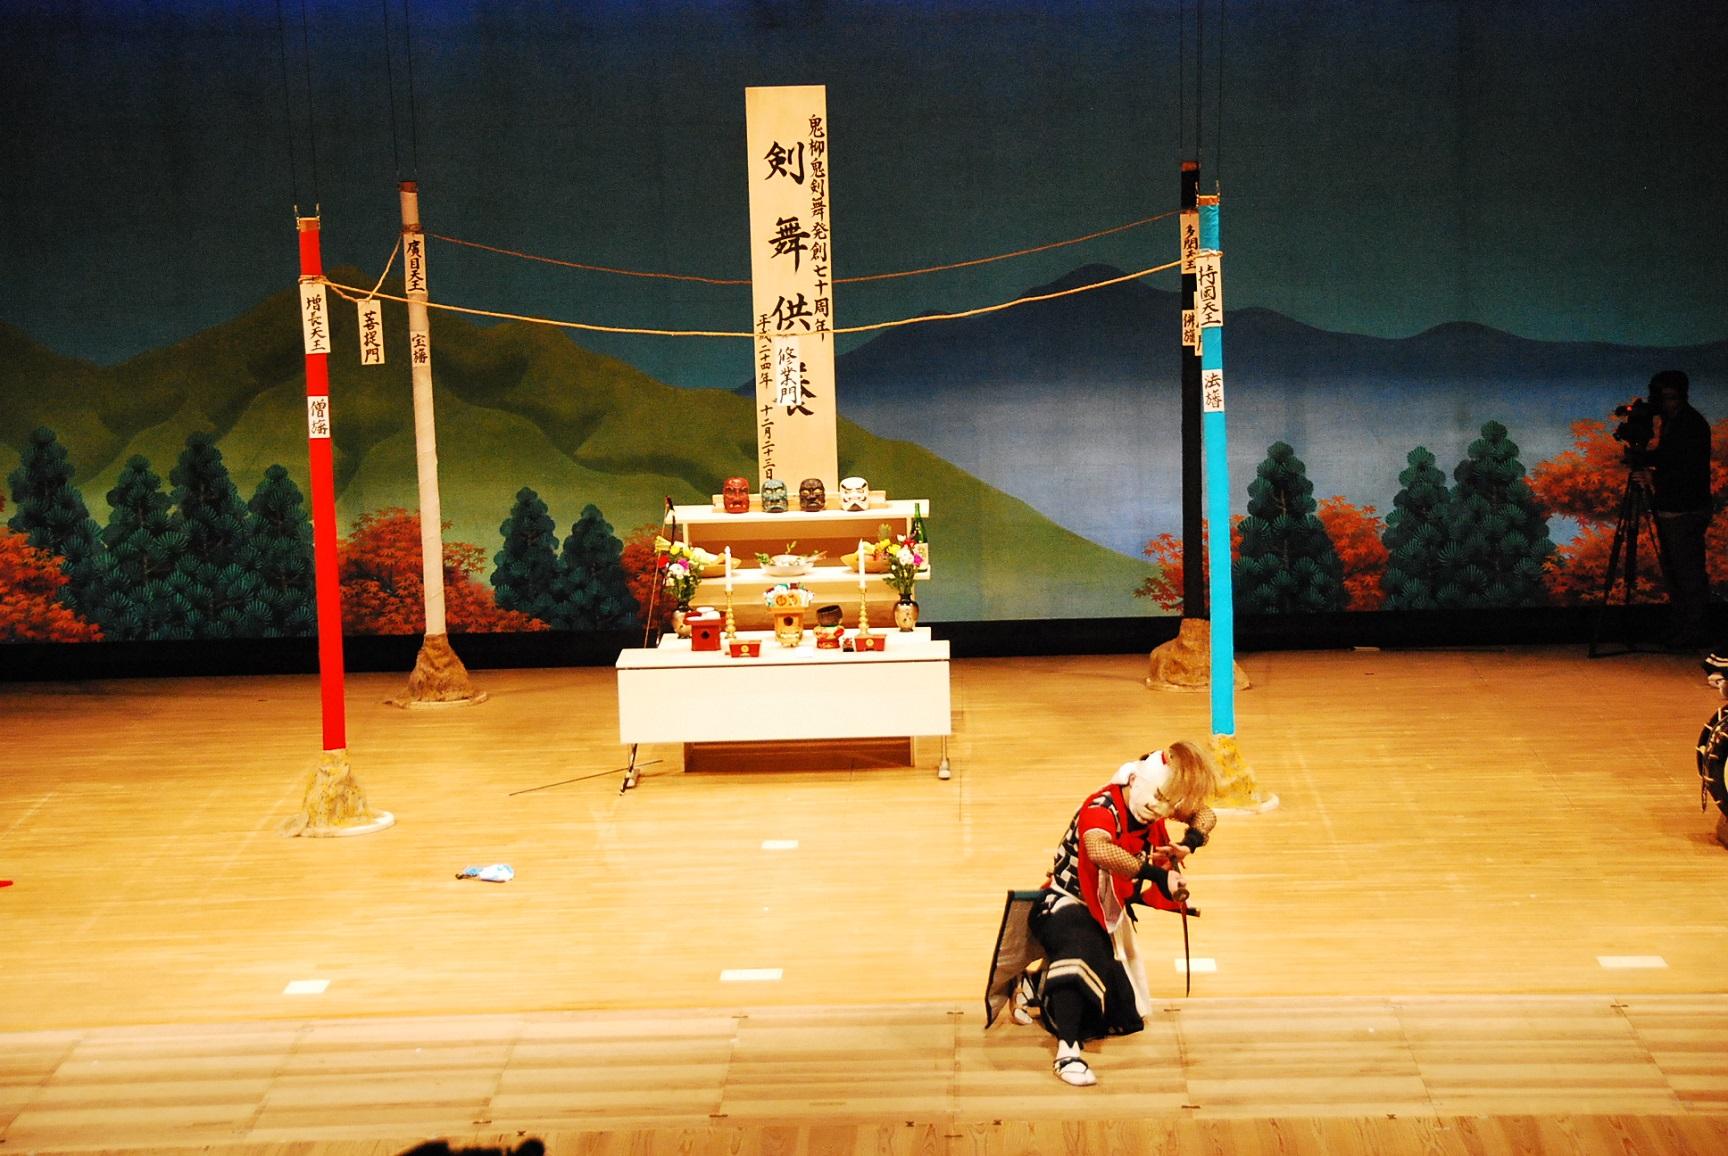 鬼柳鬼剣舞発創70周年記念式典